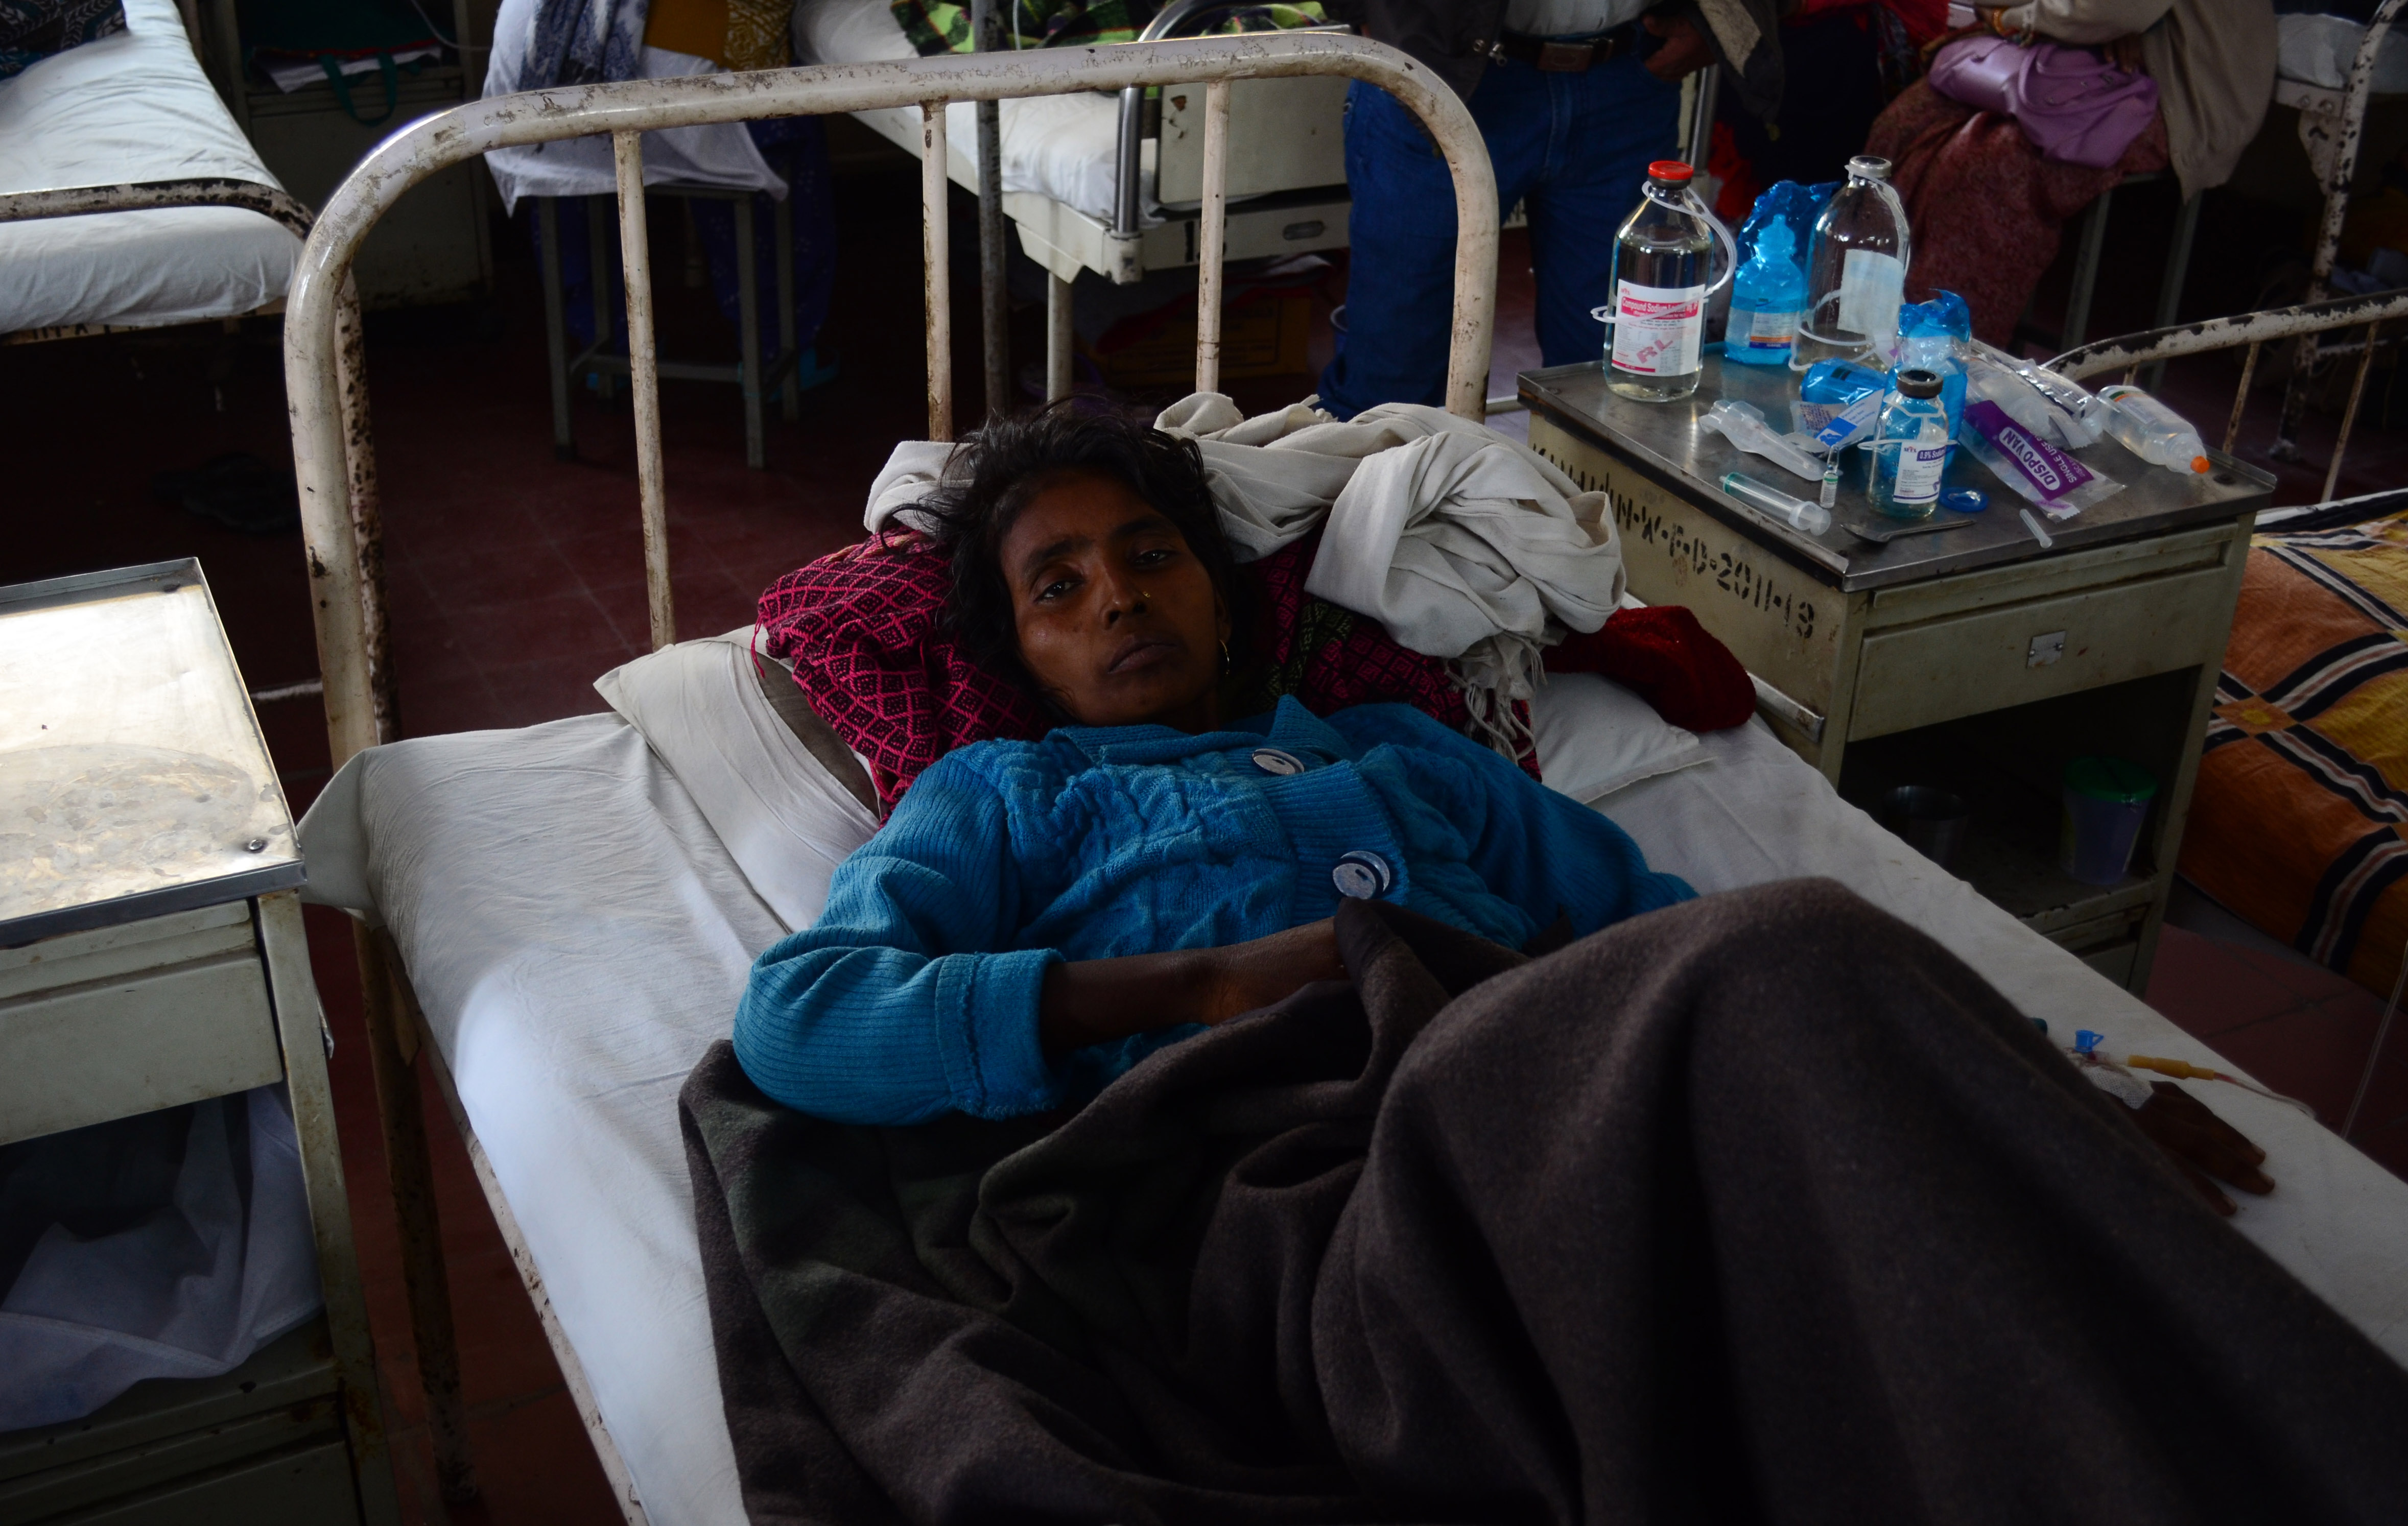 Uma paciente com câncer no ovário Hospital Kamla Nehru Hospital, em foto do Dia Internacional do Câncer: tratamento deficiente